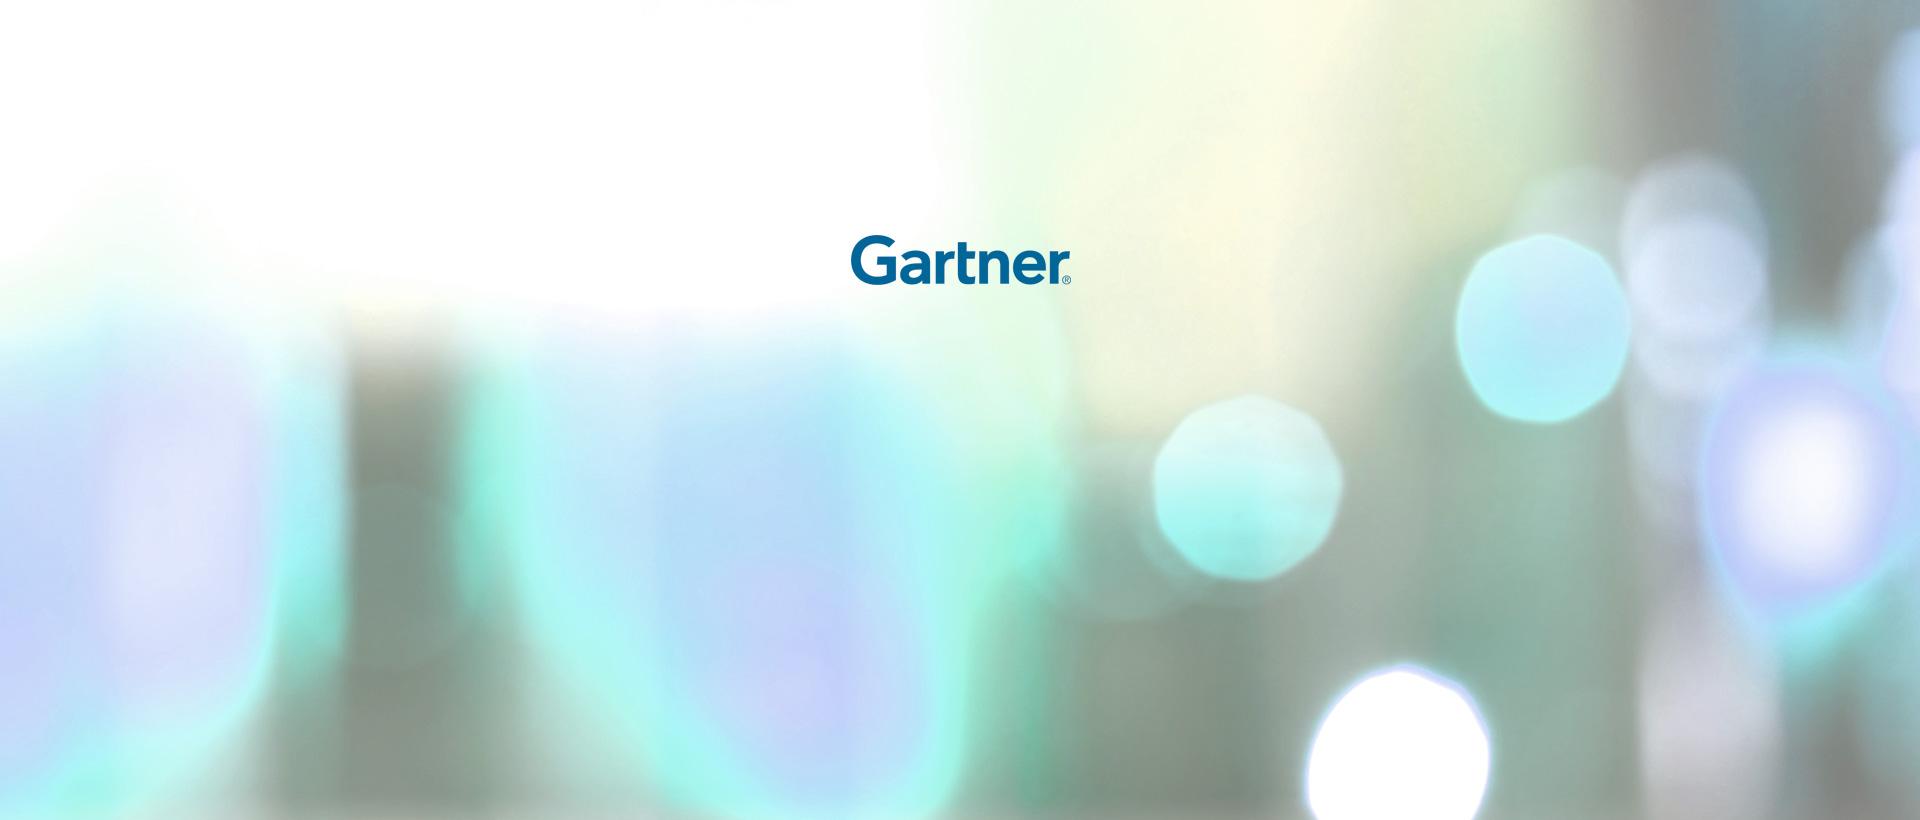 gartner_banner2